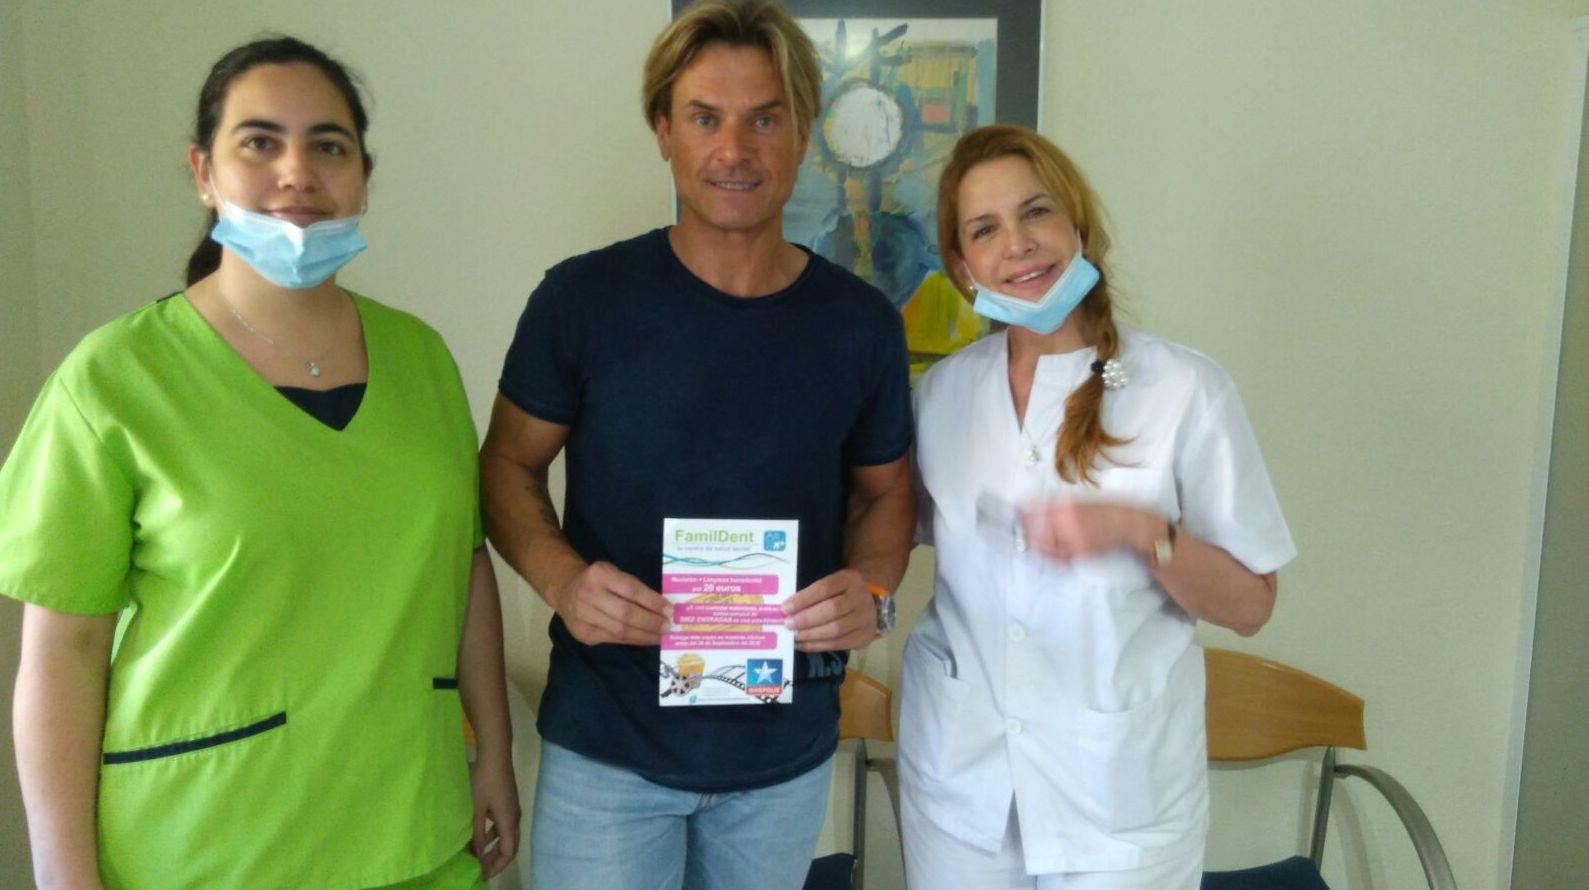 Foto 5 de Clínicas dentales en Valencia | Centro de Salud Dental FamilDent